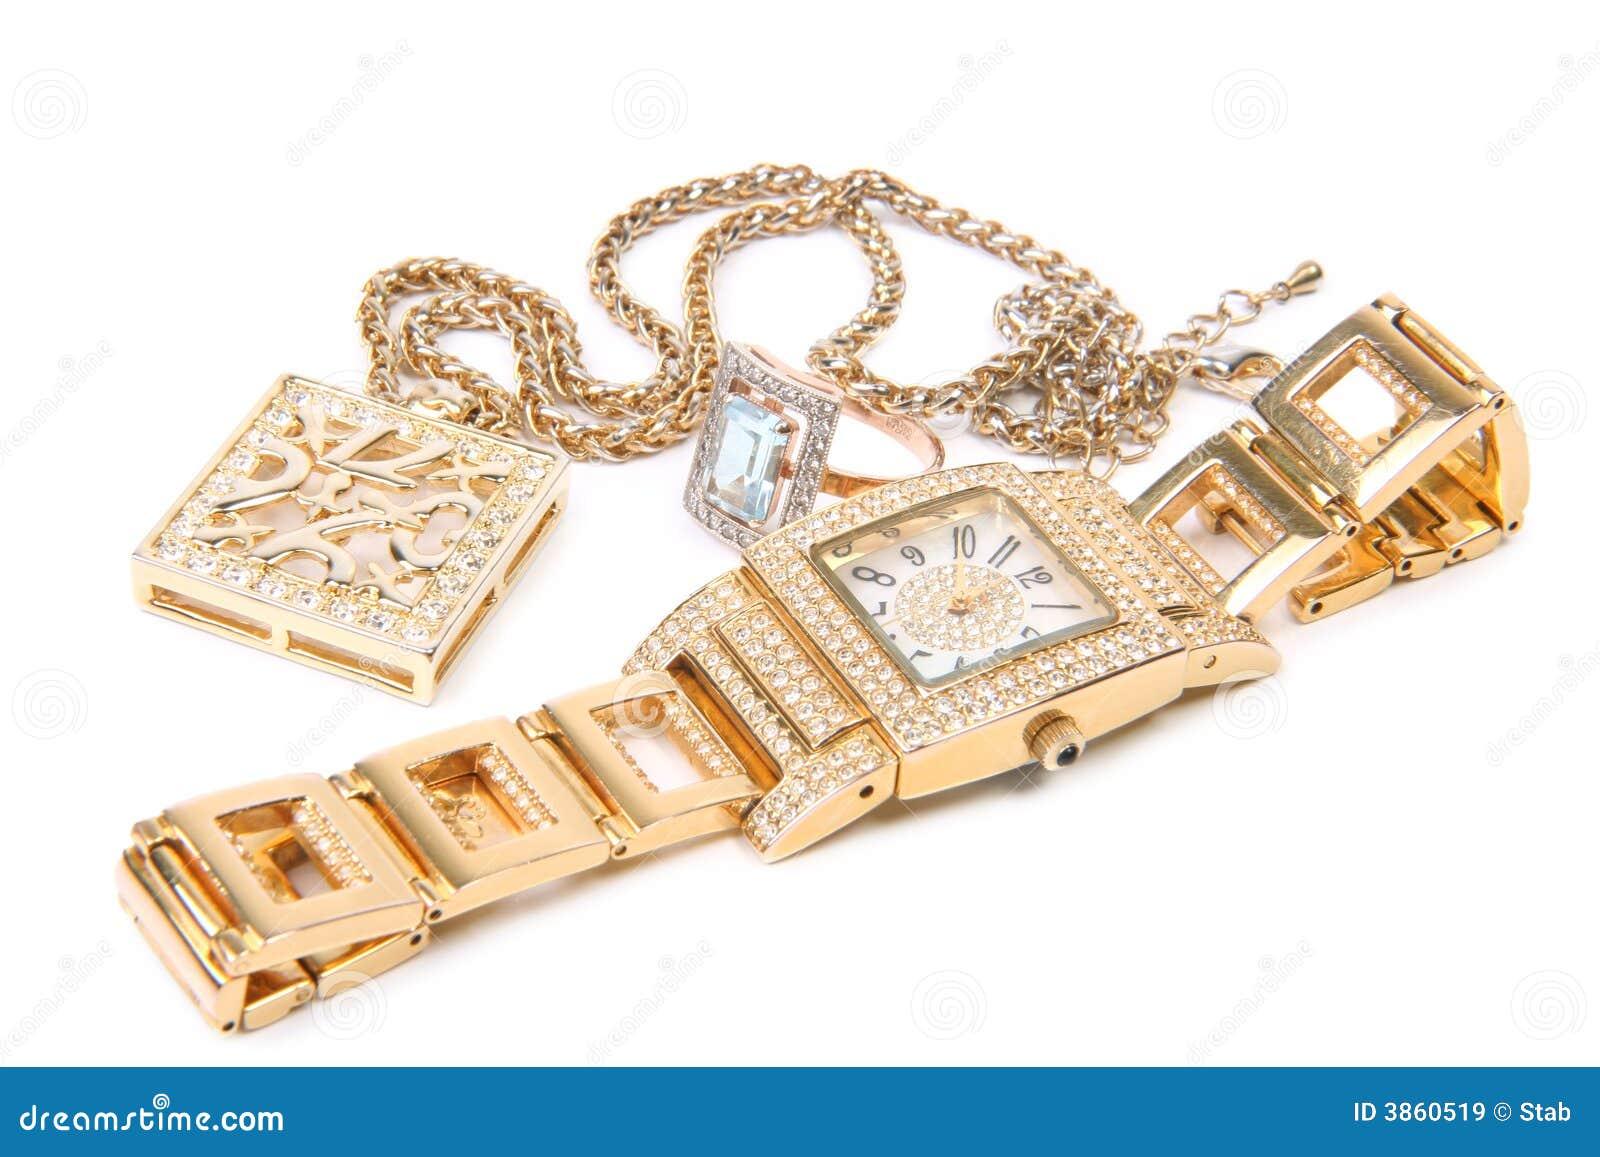 Reloj, anillo y collar de oro.